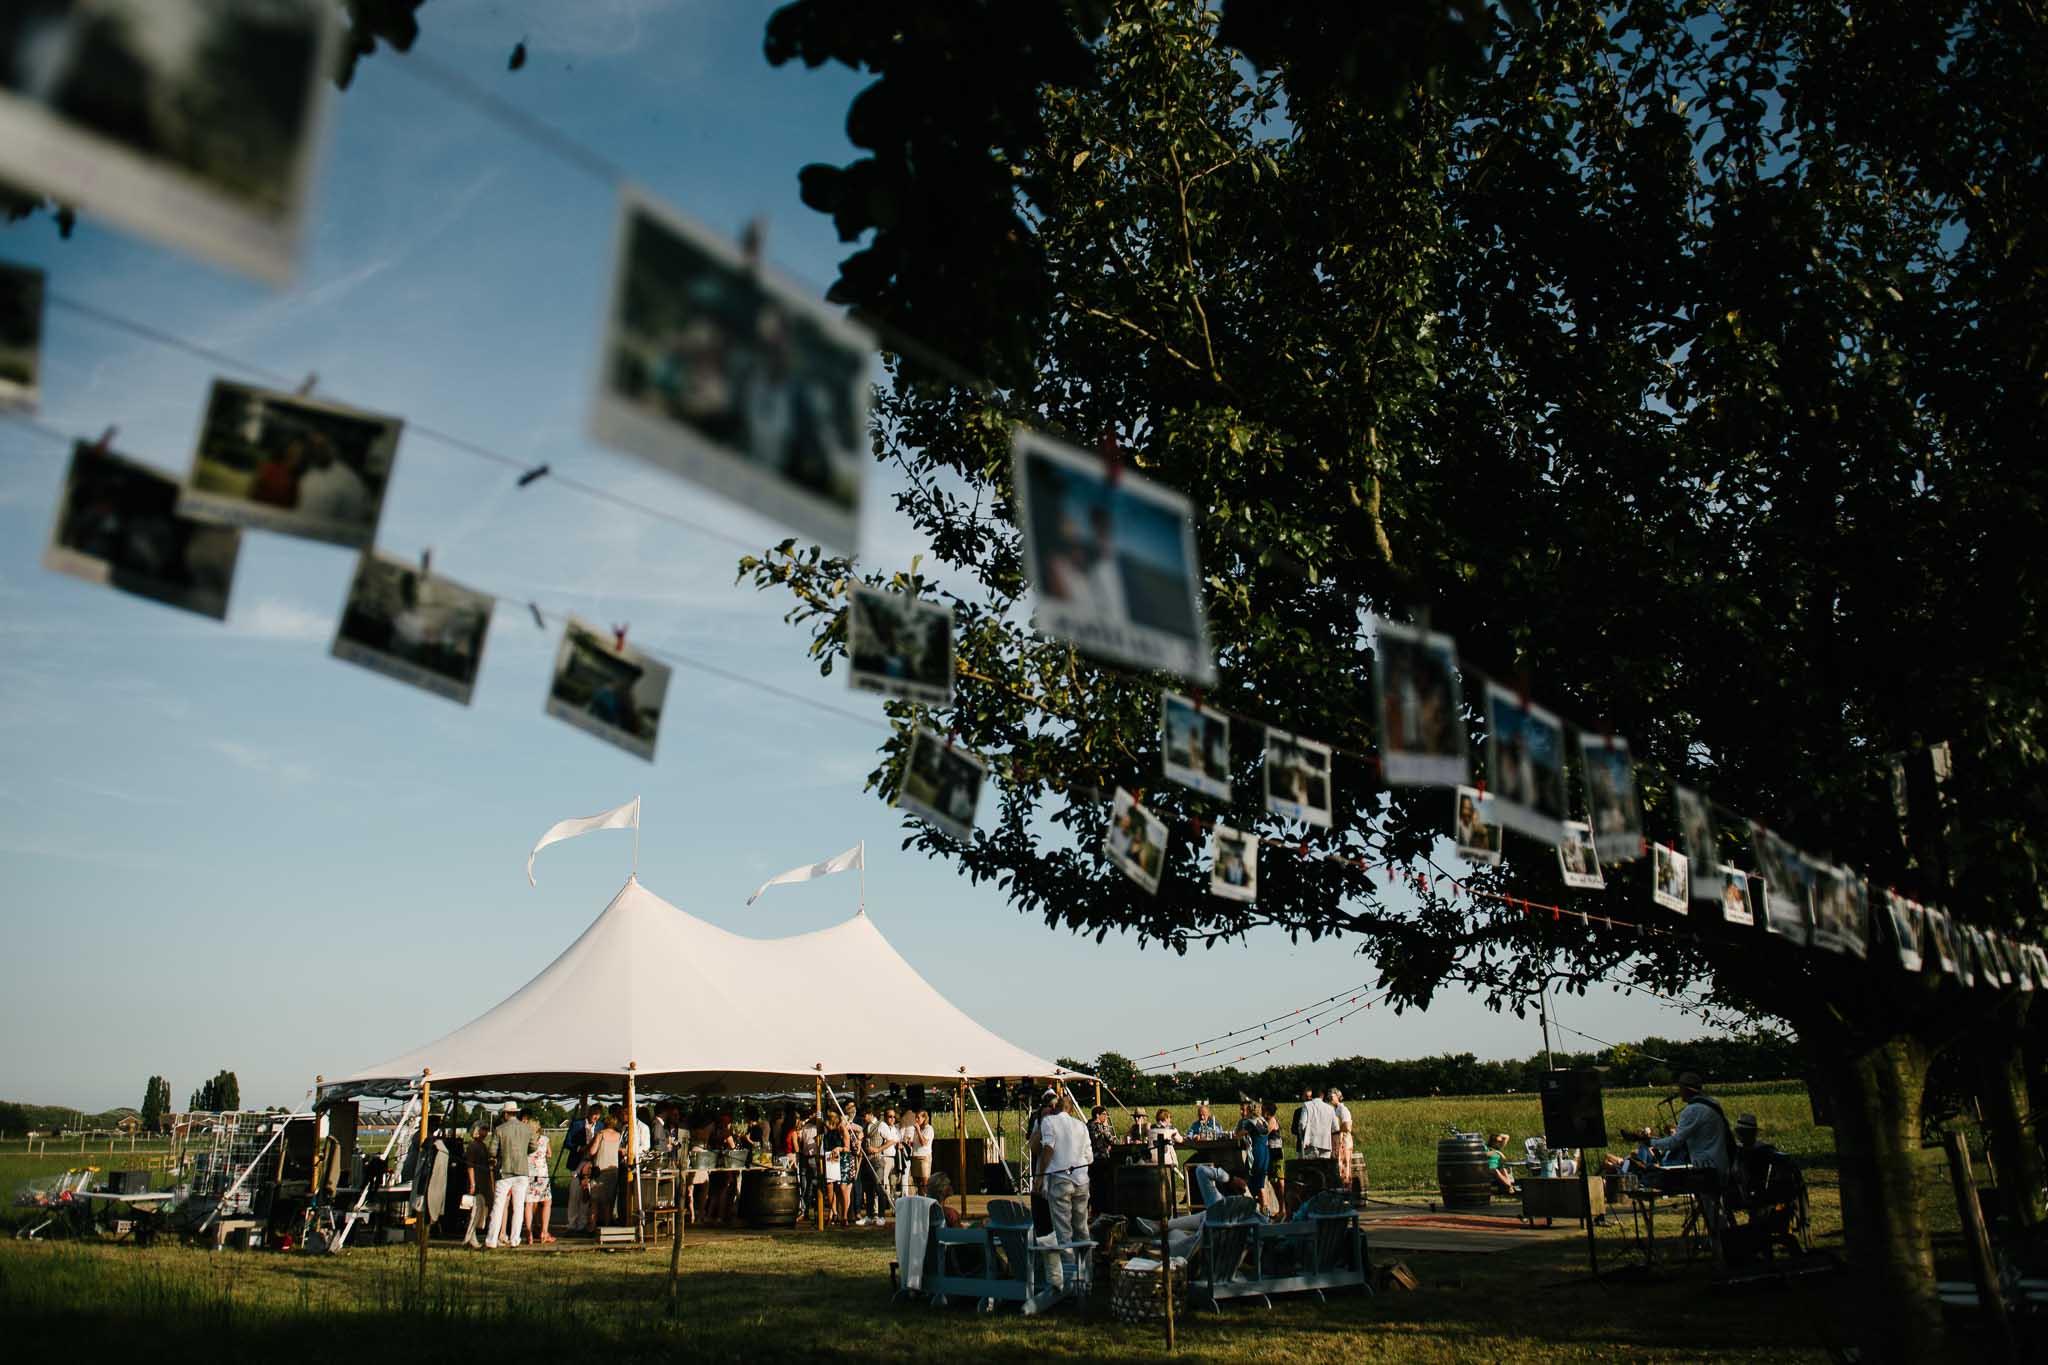 buiten trouwen open tent festival stijl